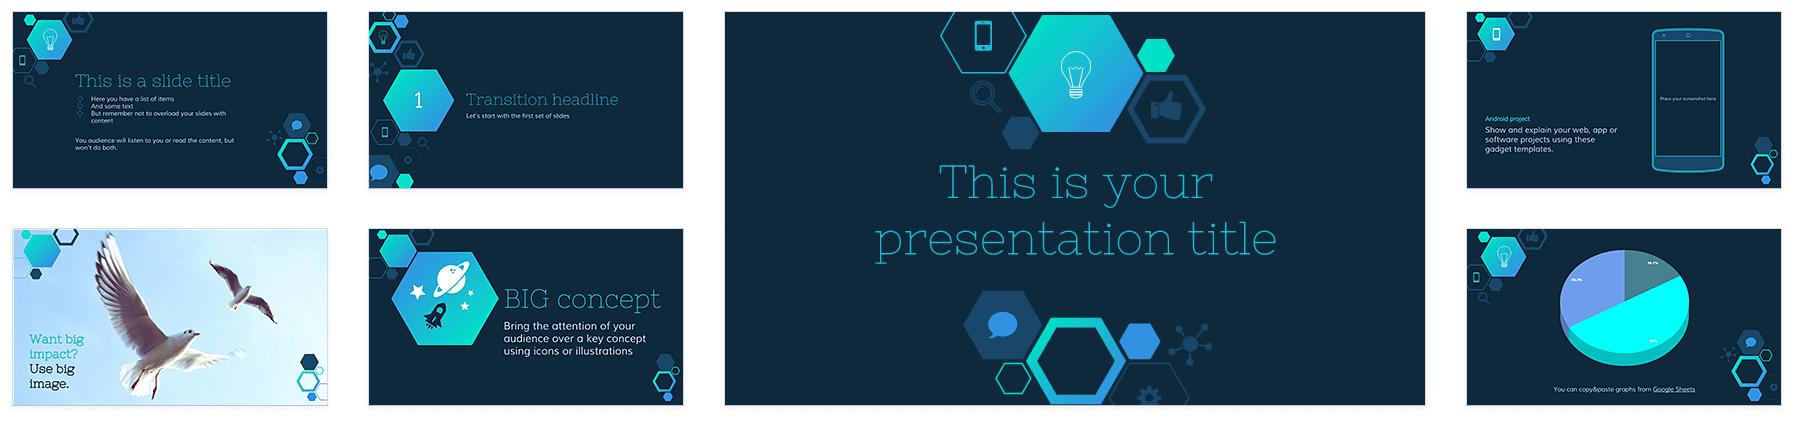 featured template: imogen   technology   pinterest, Presentation templates